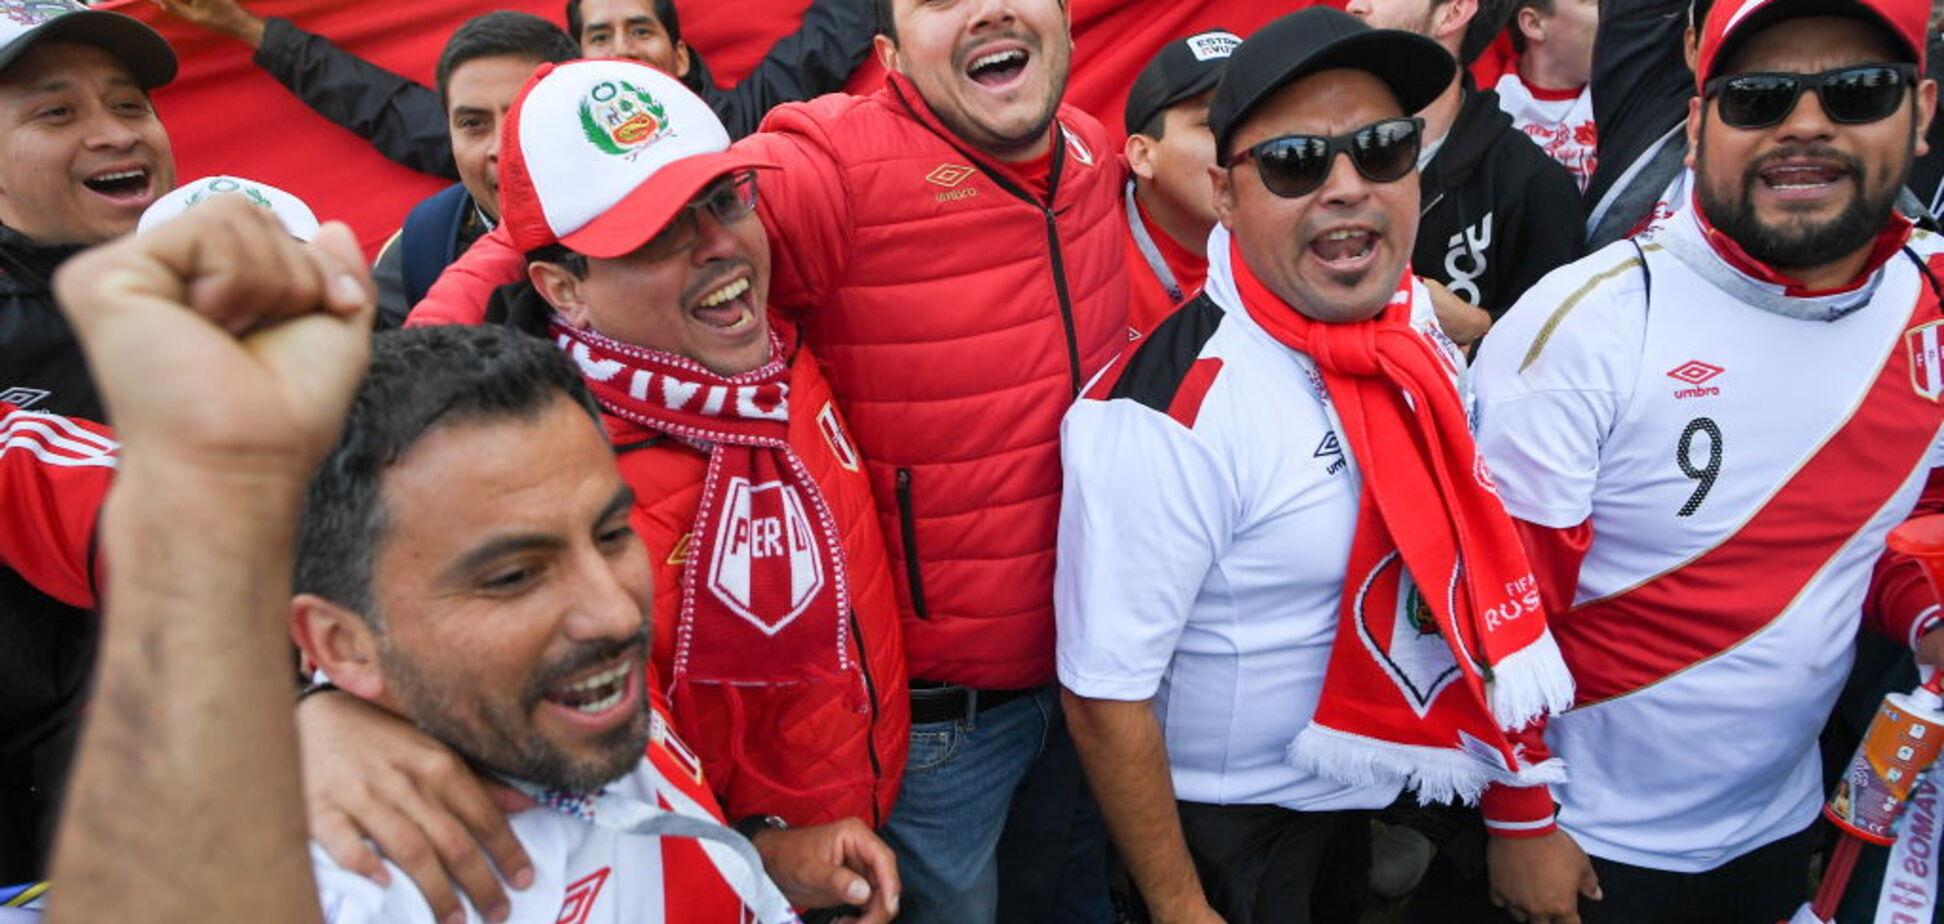 Франція - Перу - 1-0: онлайн-трансляція матчу ЧС-2018